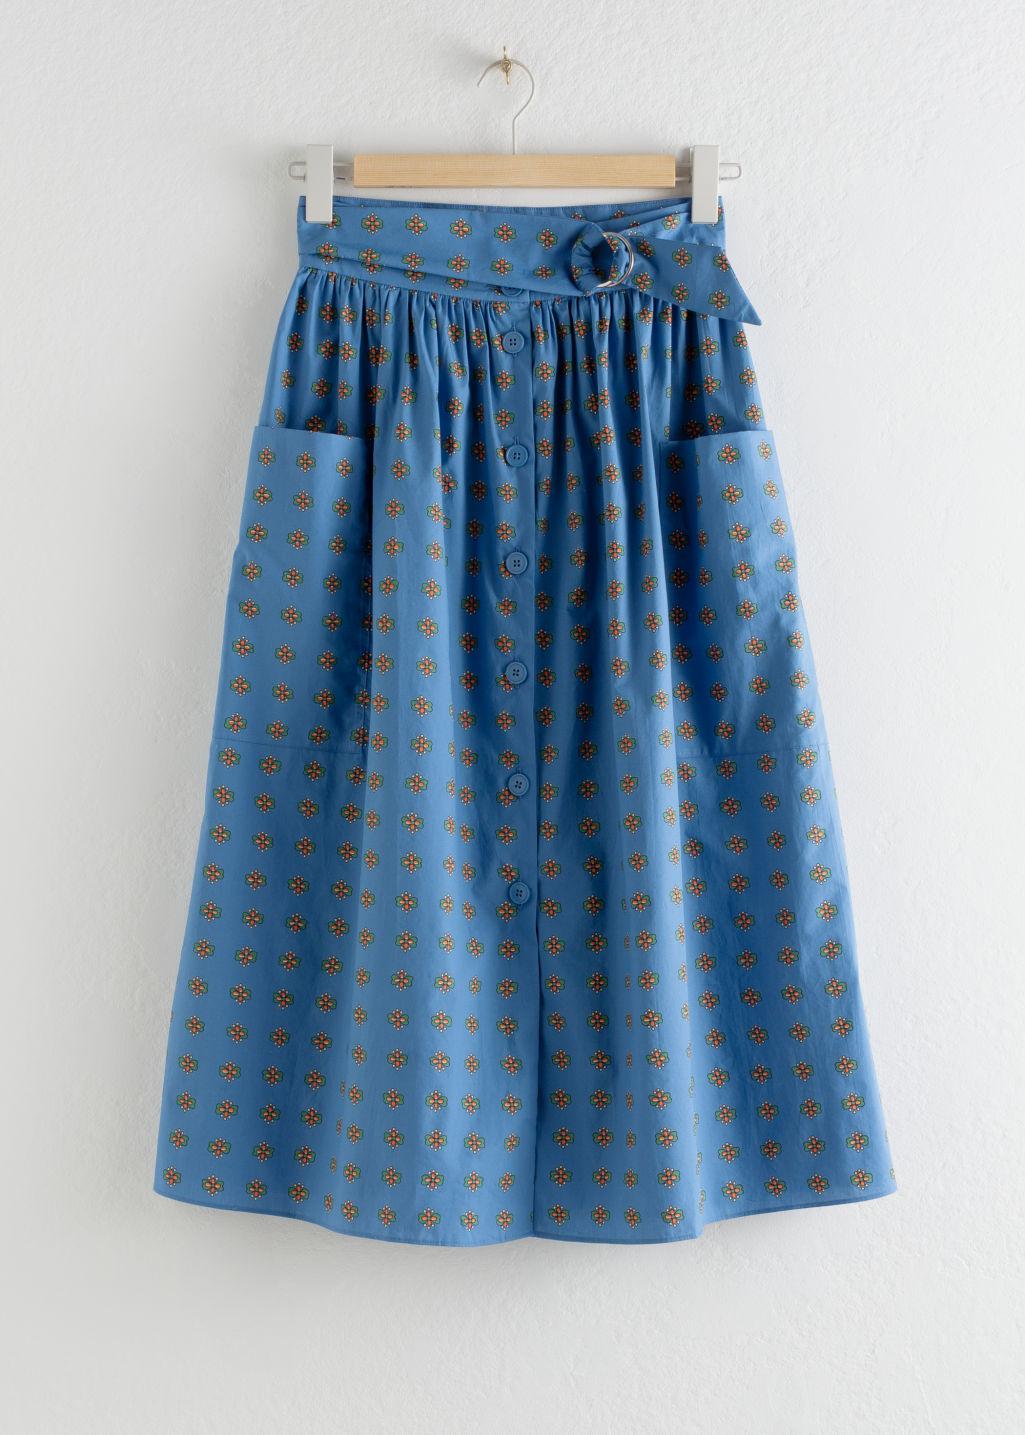 Orion Kleid Minikleid mit Rei/ßverschluss und Samt-B/ändern f/ür Damen schwarz durchsichtige Reizw/äsche mit Tr/ägern